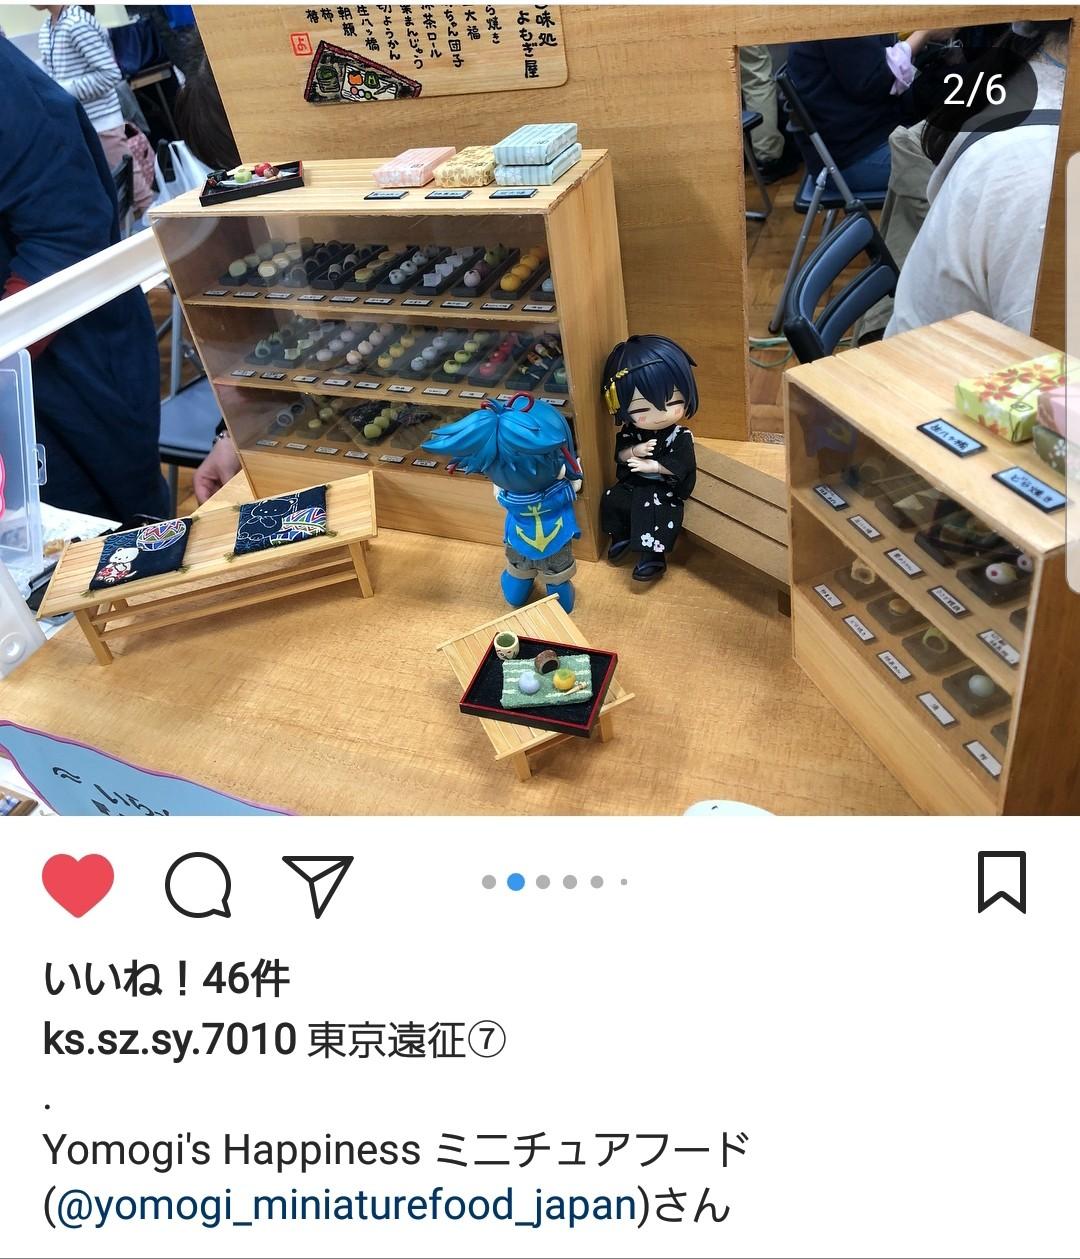 東京ドールハウスミニチュアショウ,オビツろいど,和菓子屋,記念撮影